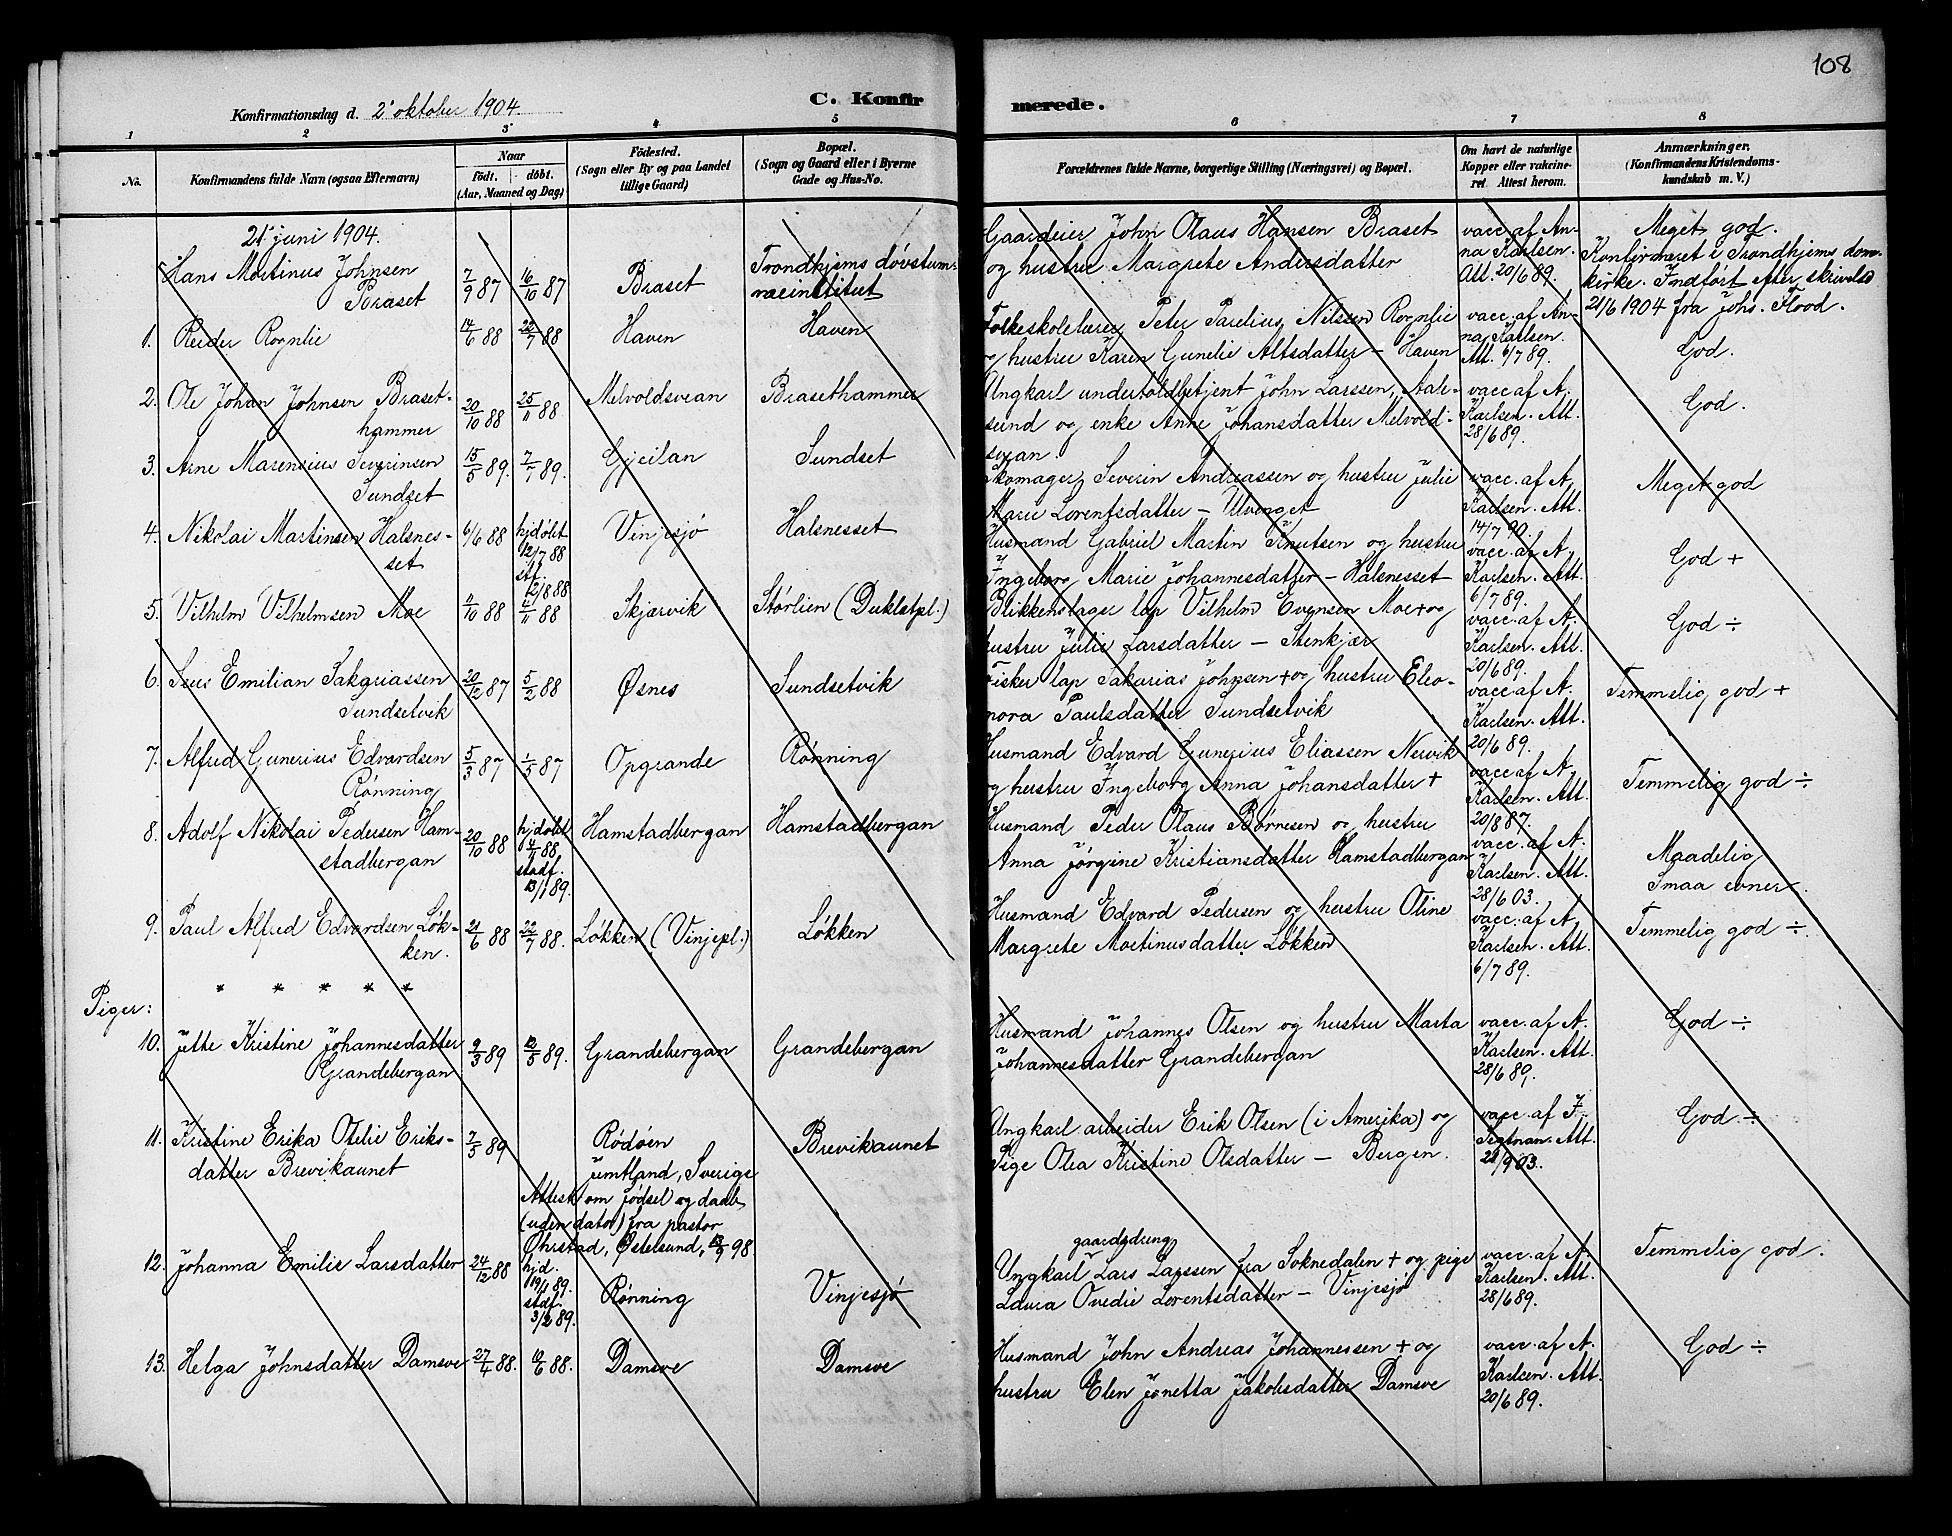 SAT, Ministerialprotokoller, klokkerbøker og fødselsregistre - Nord-Trøndelag, 733/L0327: Klokkerbok nr. 733C02, 1888-1918, s. 108